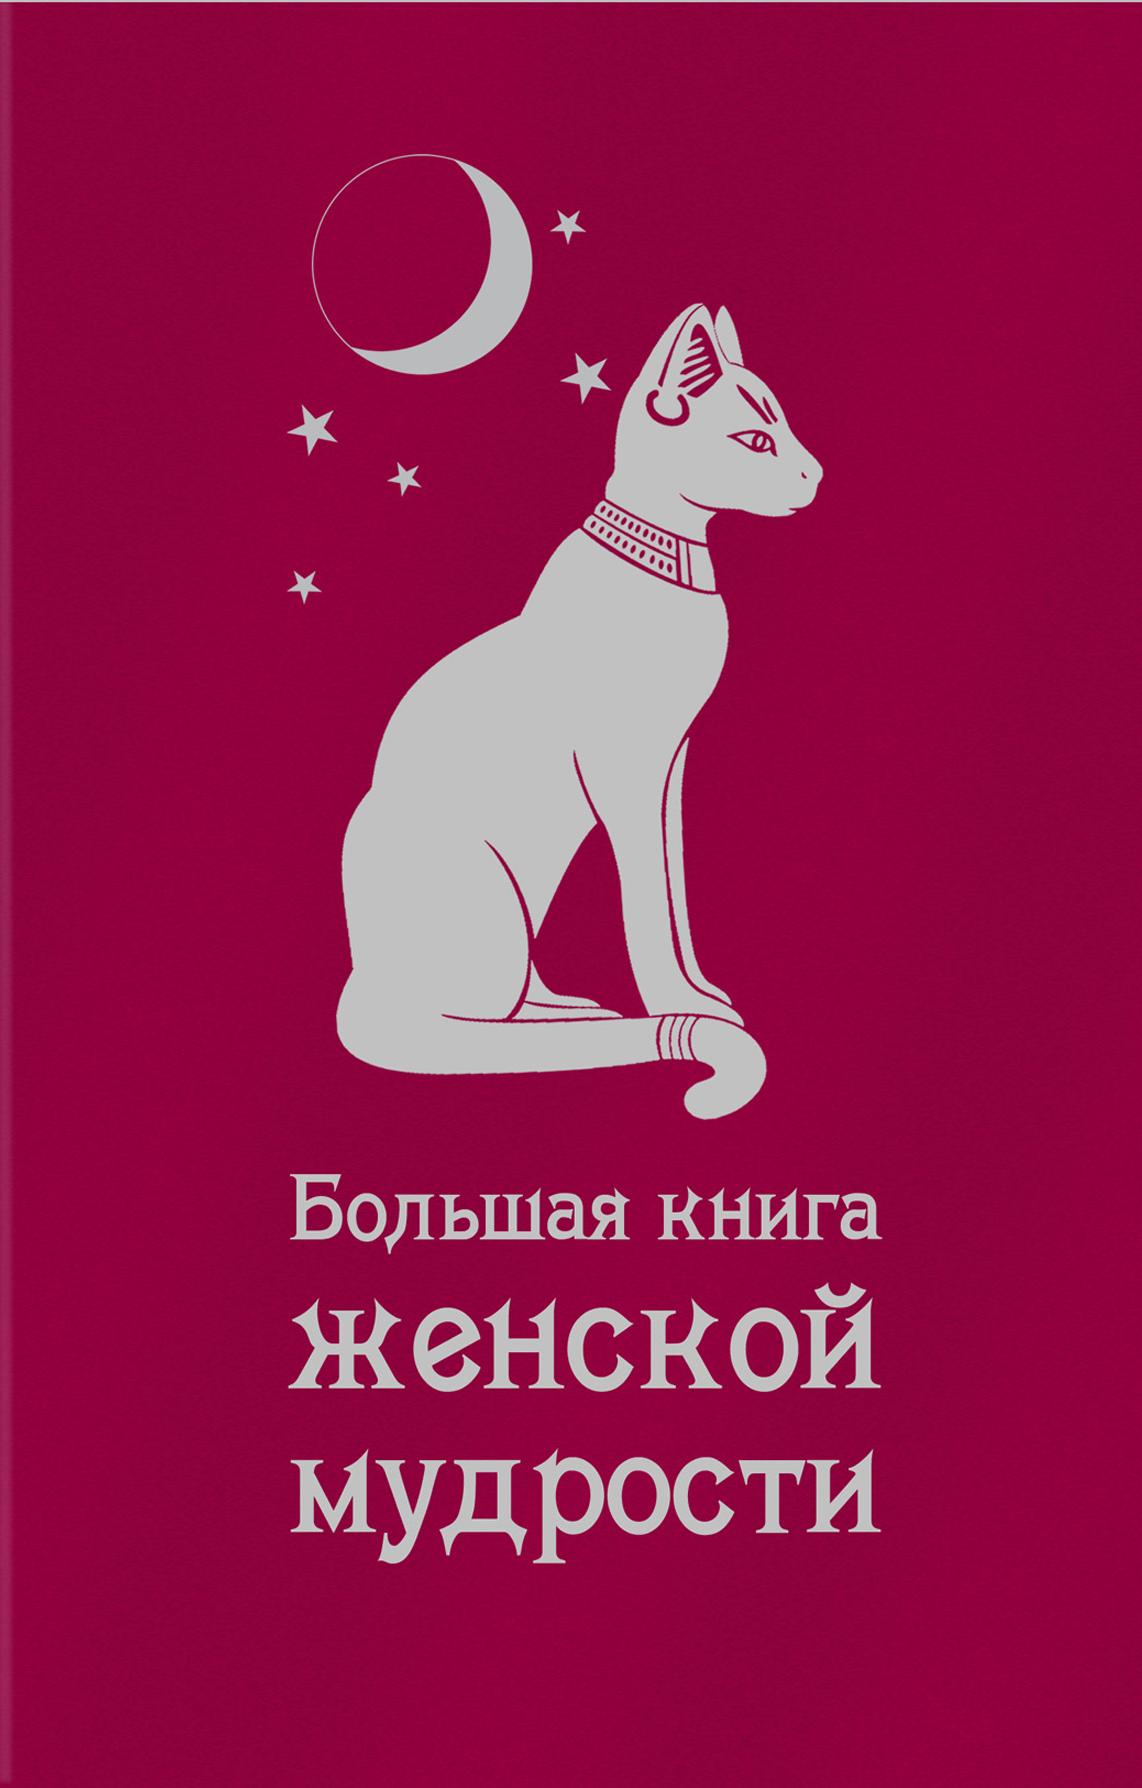 bolshaya kniga zhenskoy mudrosti sbornik